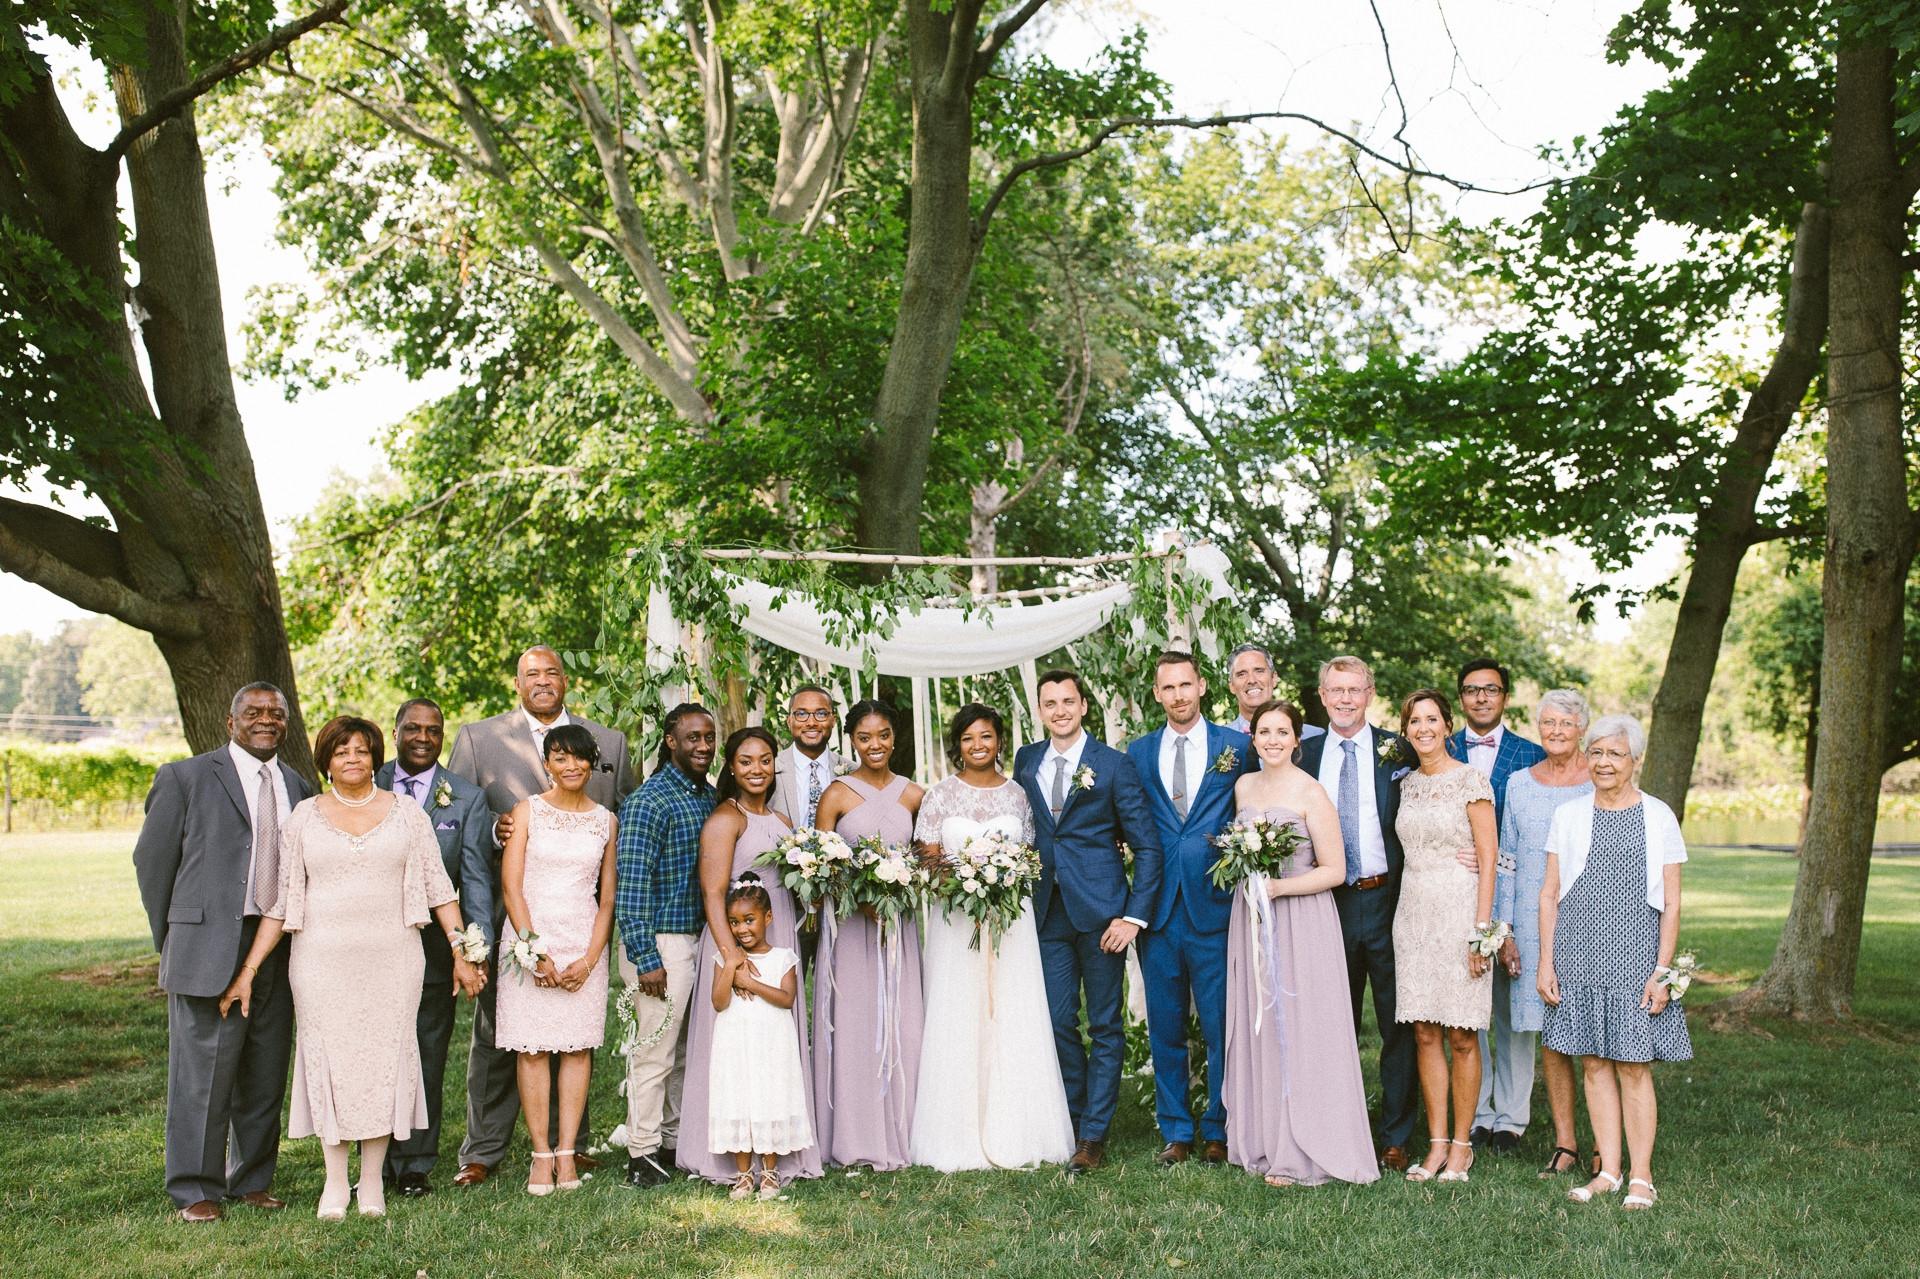 Gervasi Wedding Photographer in Canton Ohio 71.jpg